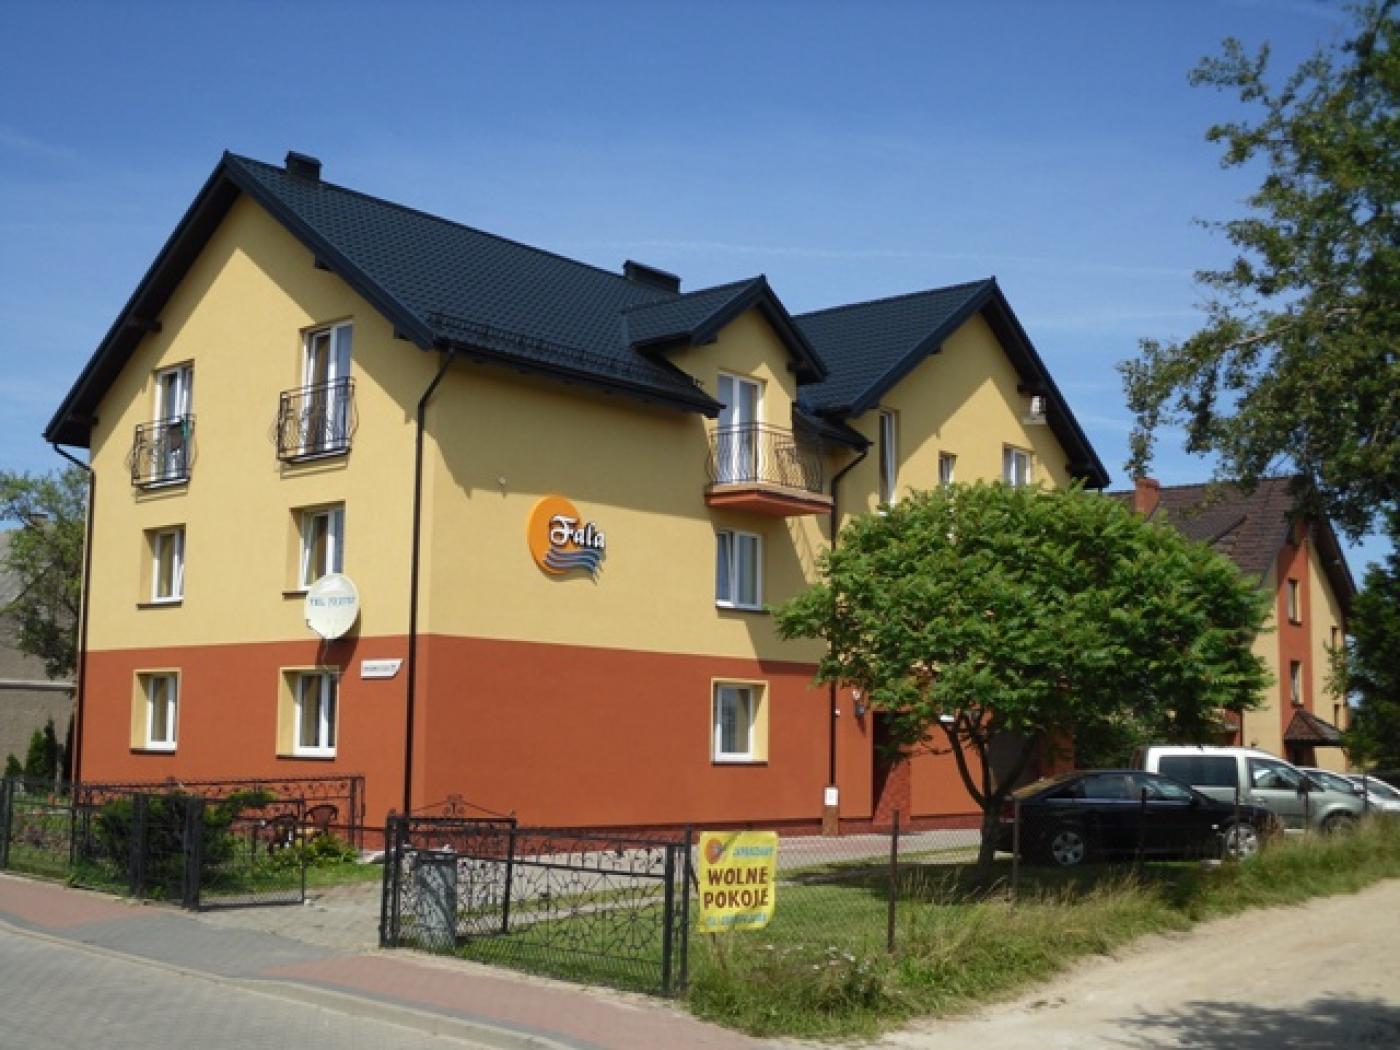 spanie Władysławowo